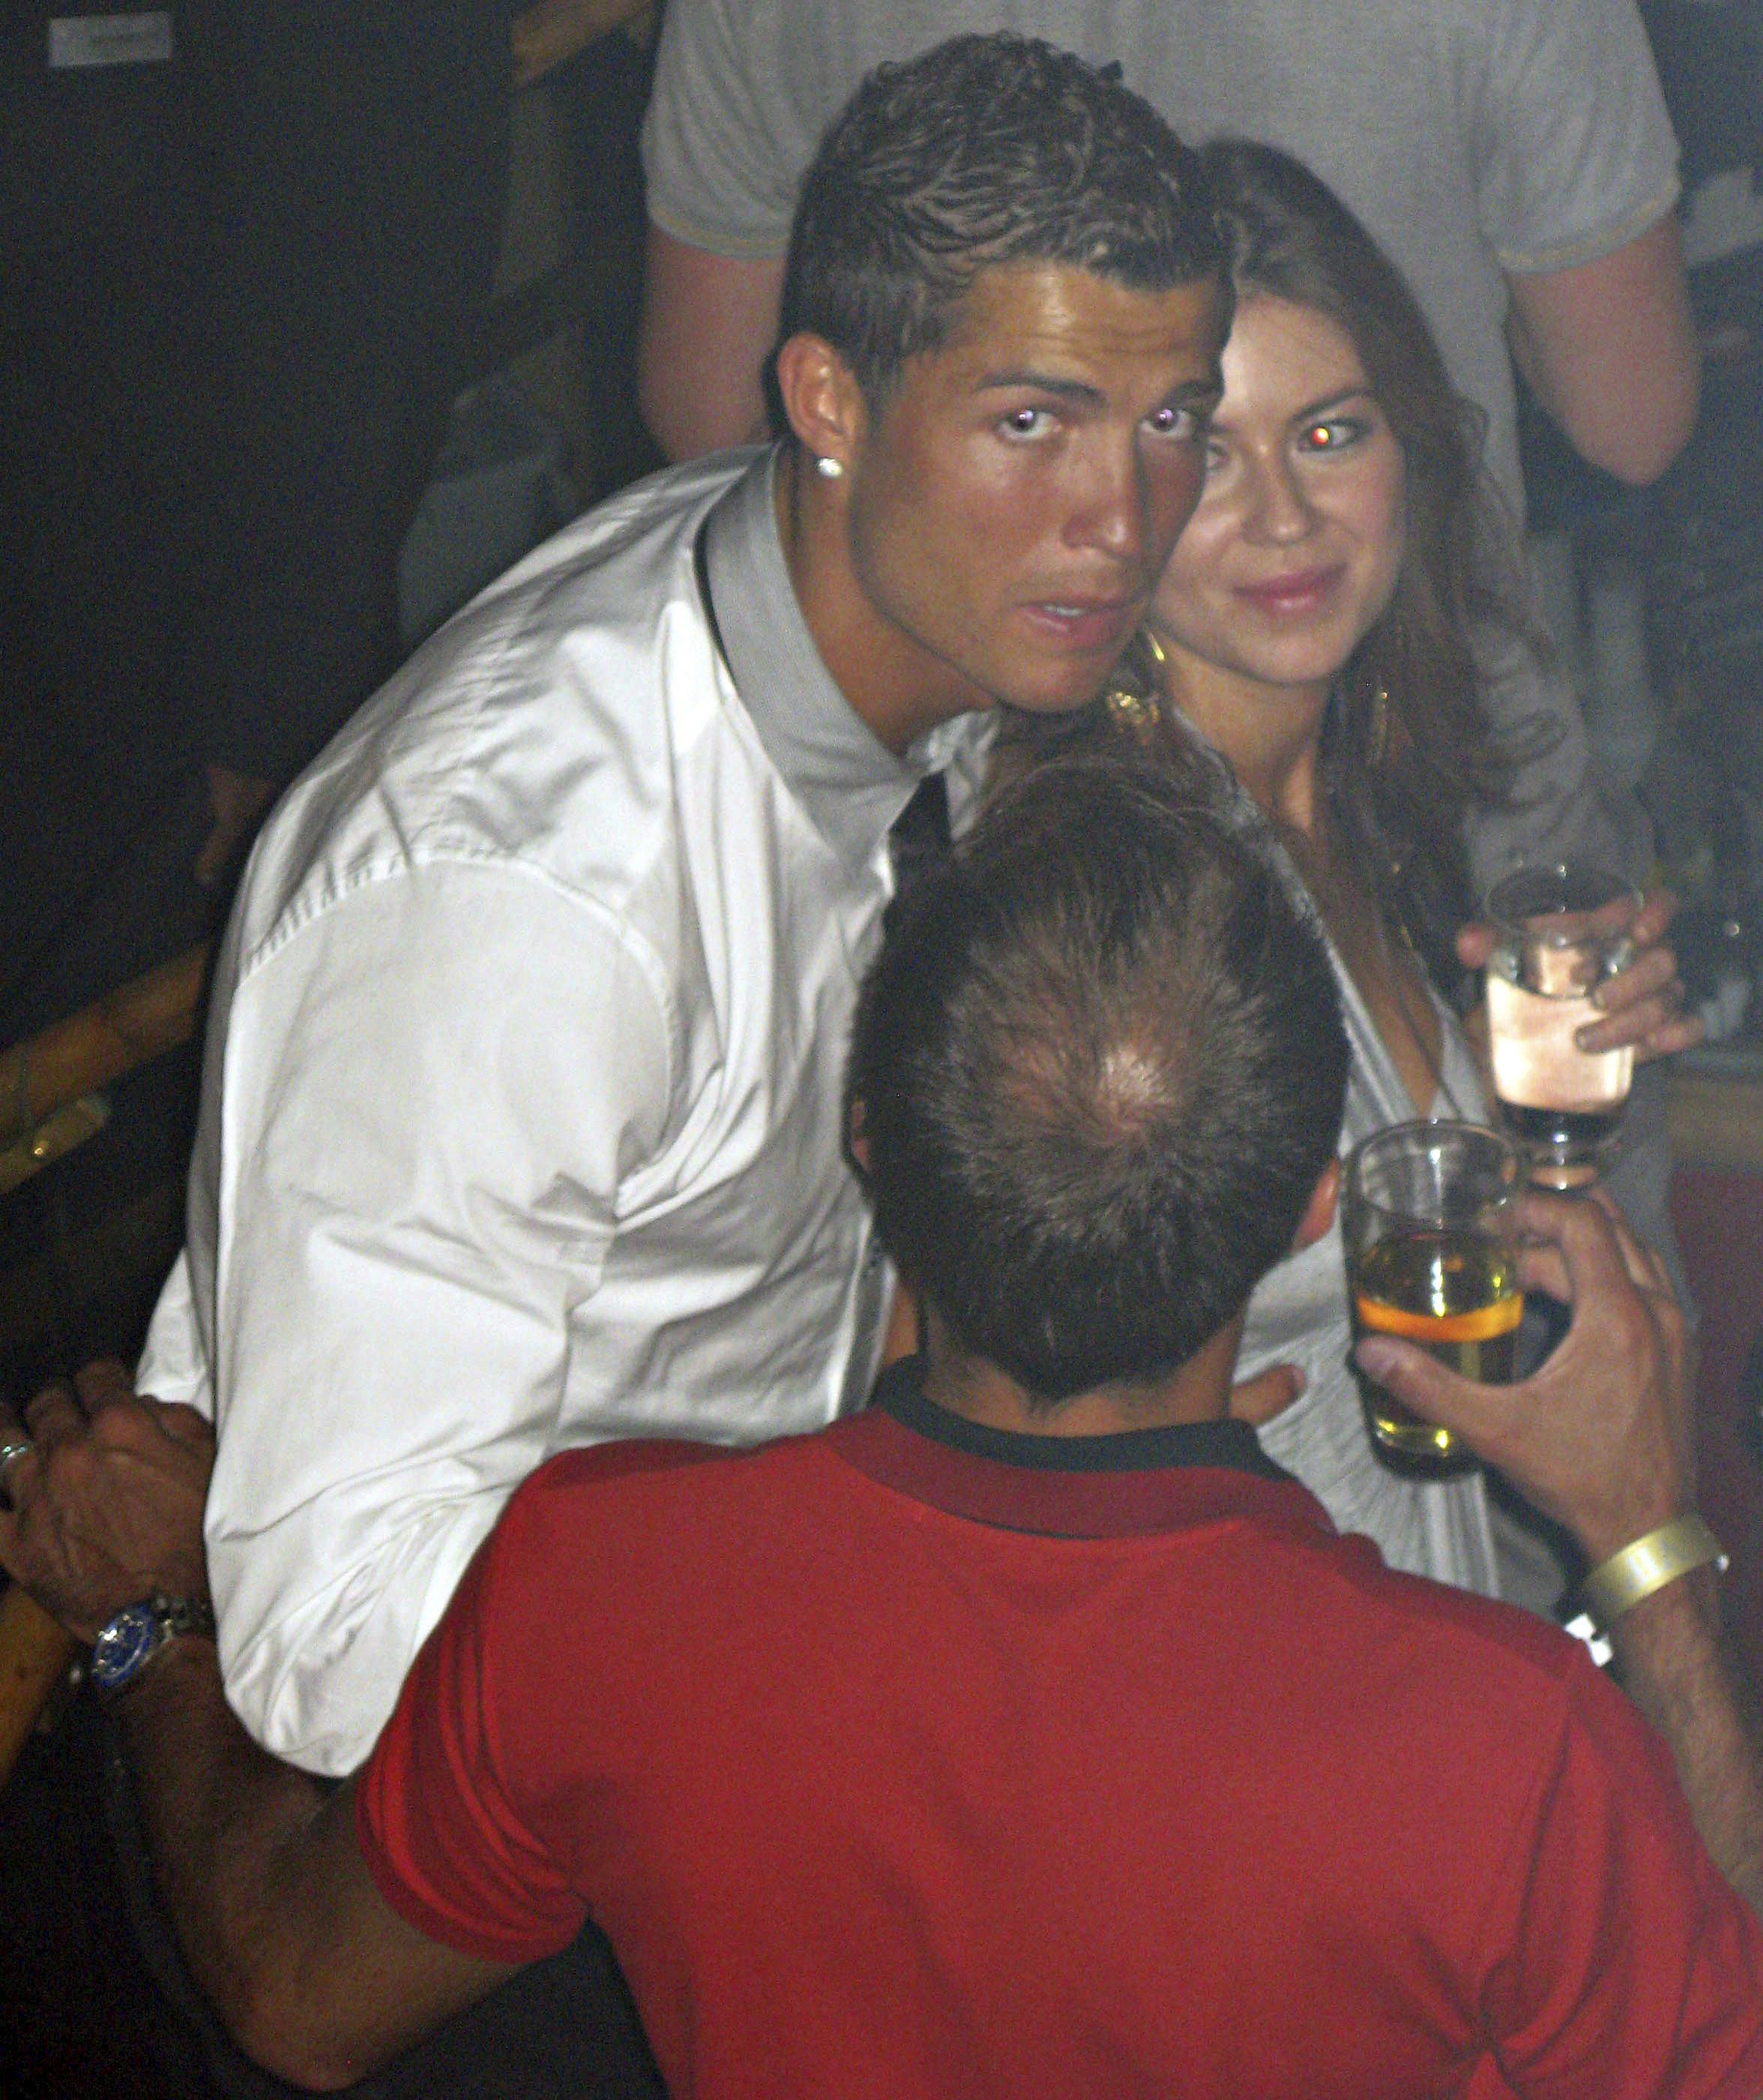 En esta foto de junio de 2009 suministrada a la Associated Press el viernes 5 de octubre de 2018, Cristiano Ronaldo aparece junto a Kathryn Mayorga en el club nocturno Rain en Las Vegas. (Matrixpictures via AP) NO SALES NO ARCHIVE MANDATORY CREDIT